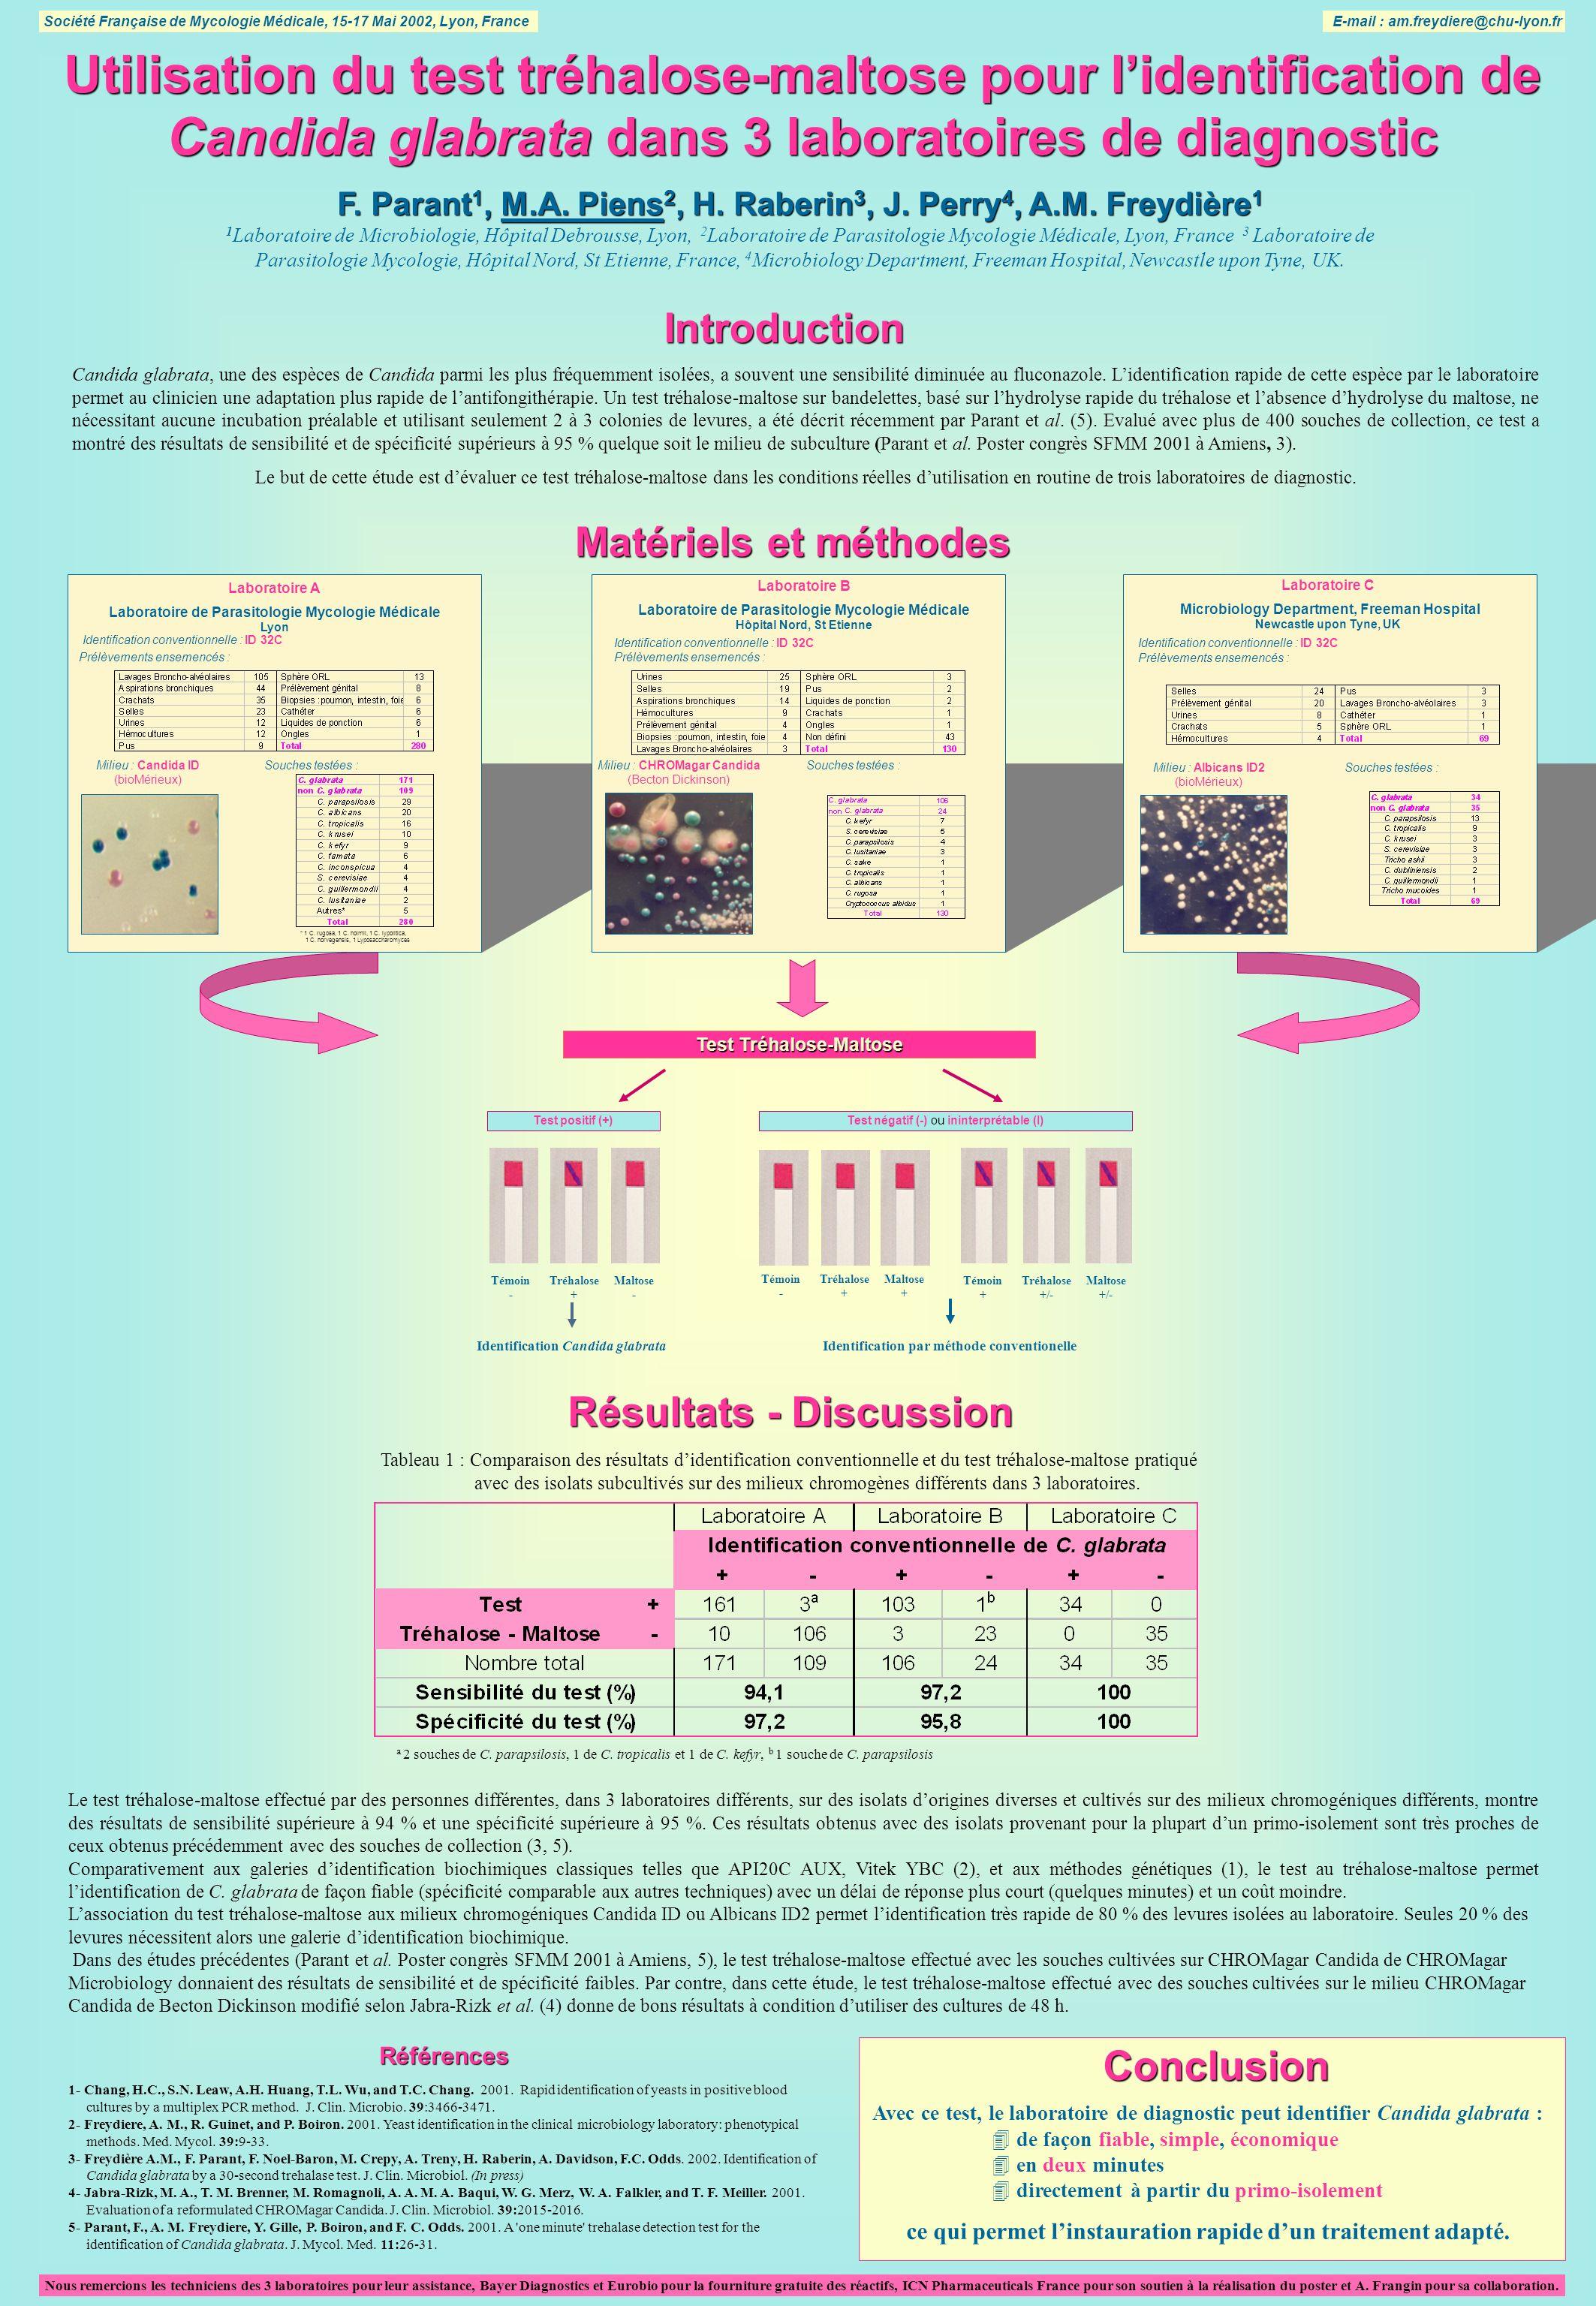 Utilisation du test tréhalose-maltose pour lidentification de Candida glabrata dans 3 laboratoires de diagnostic F. Parant 1, M.A. Piens 2, H. Raberin